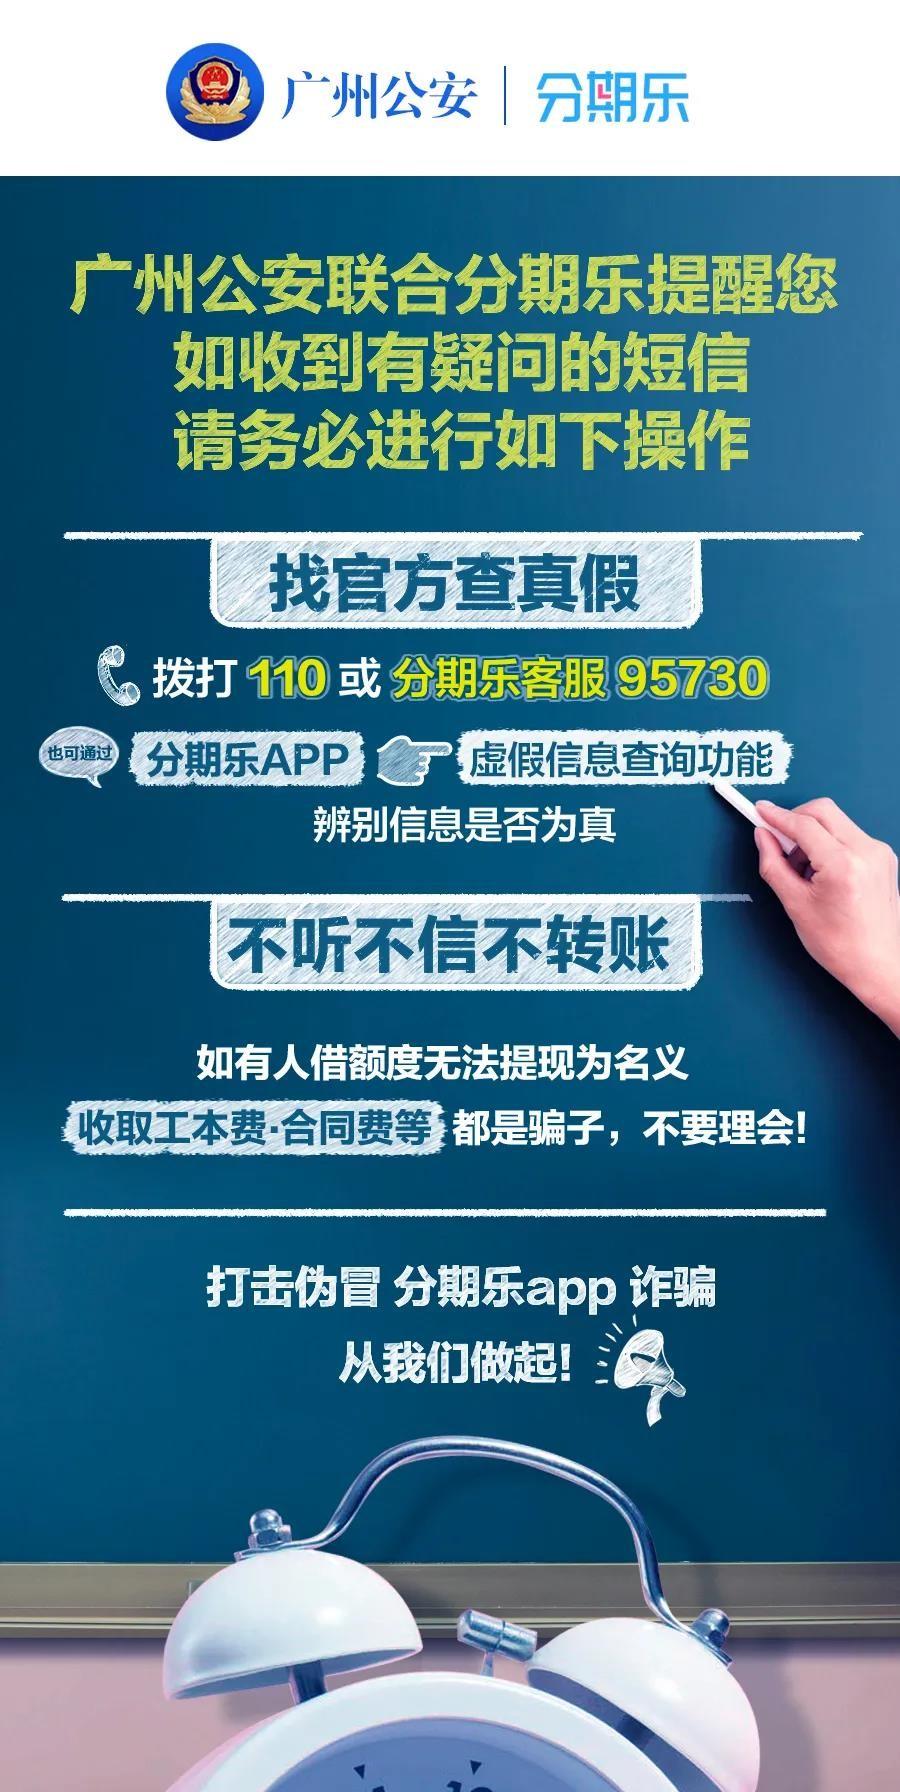 广州公安联合乐信旗下分期乐发布安全提示 严打假冒APP诈骗